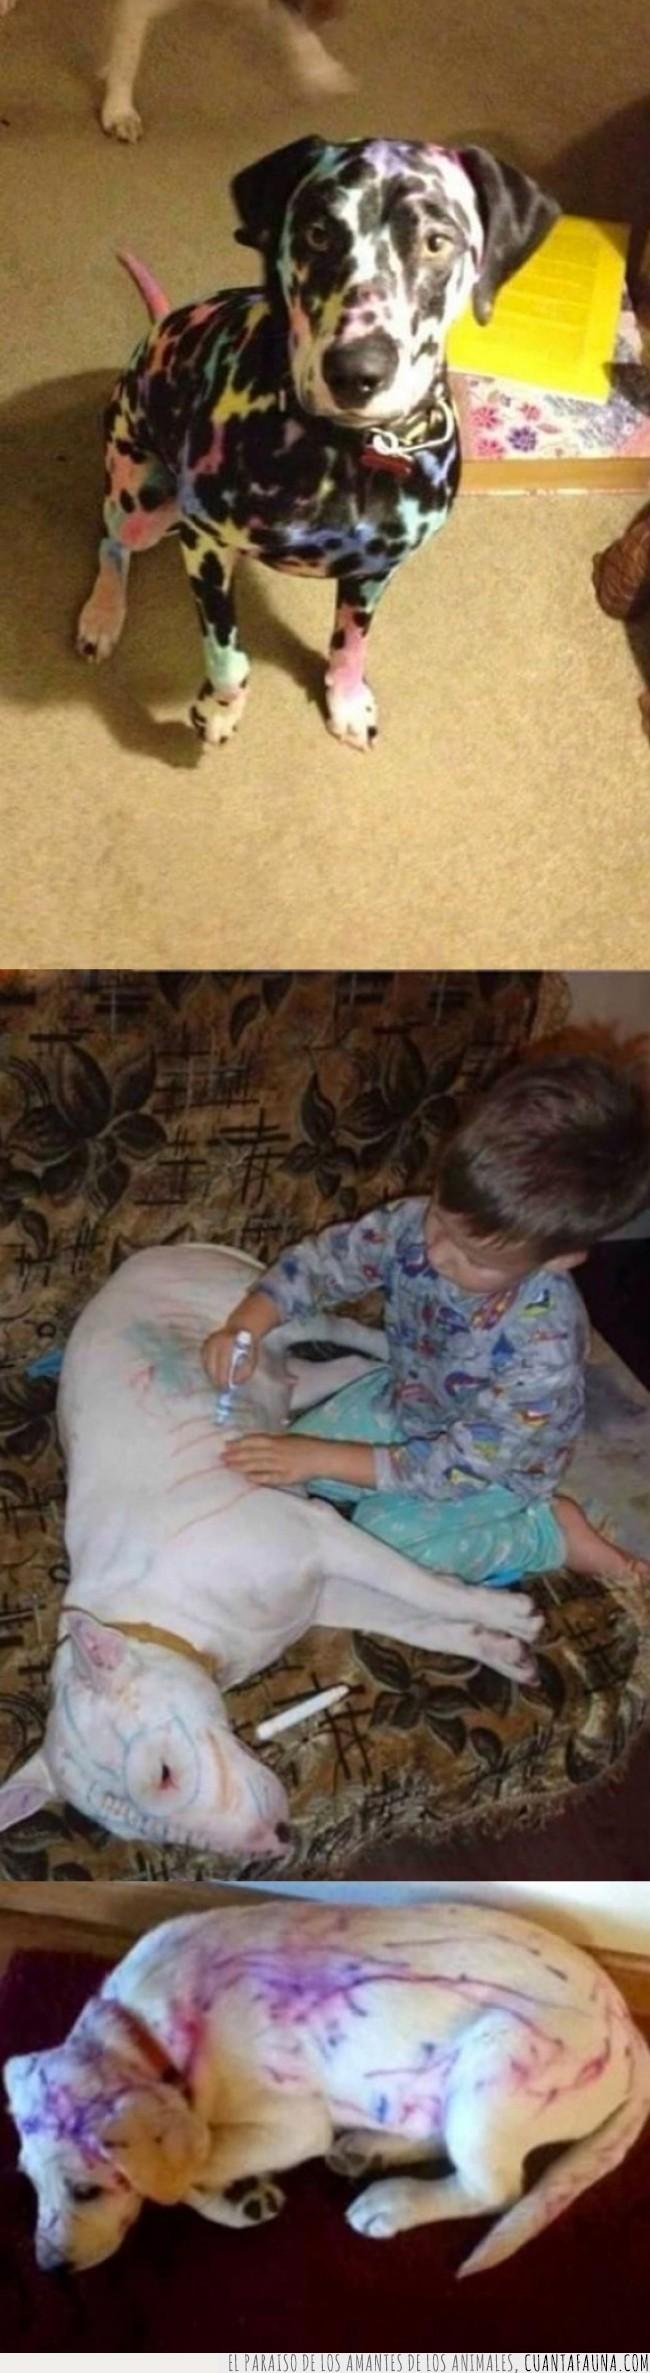 color,liar,manchar,niño,pequeño,permanente,perro,pintar,rotulador